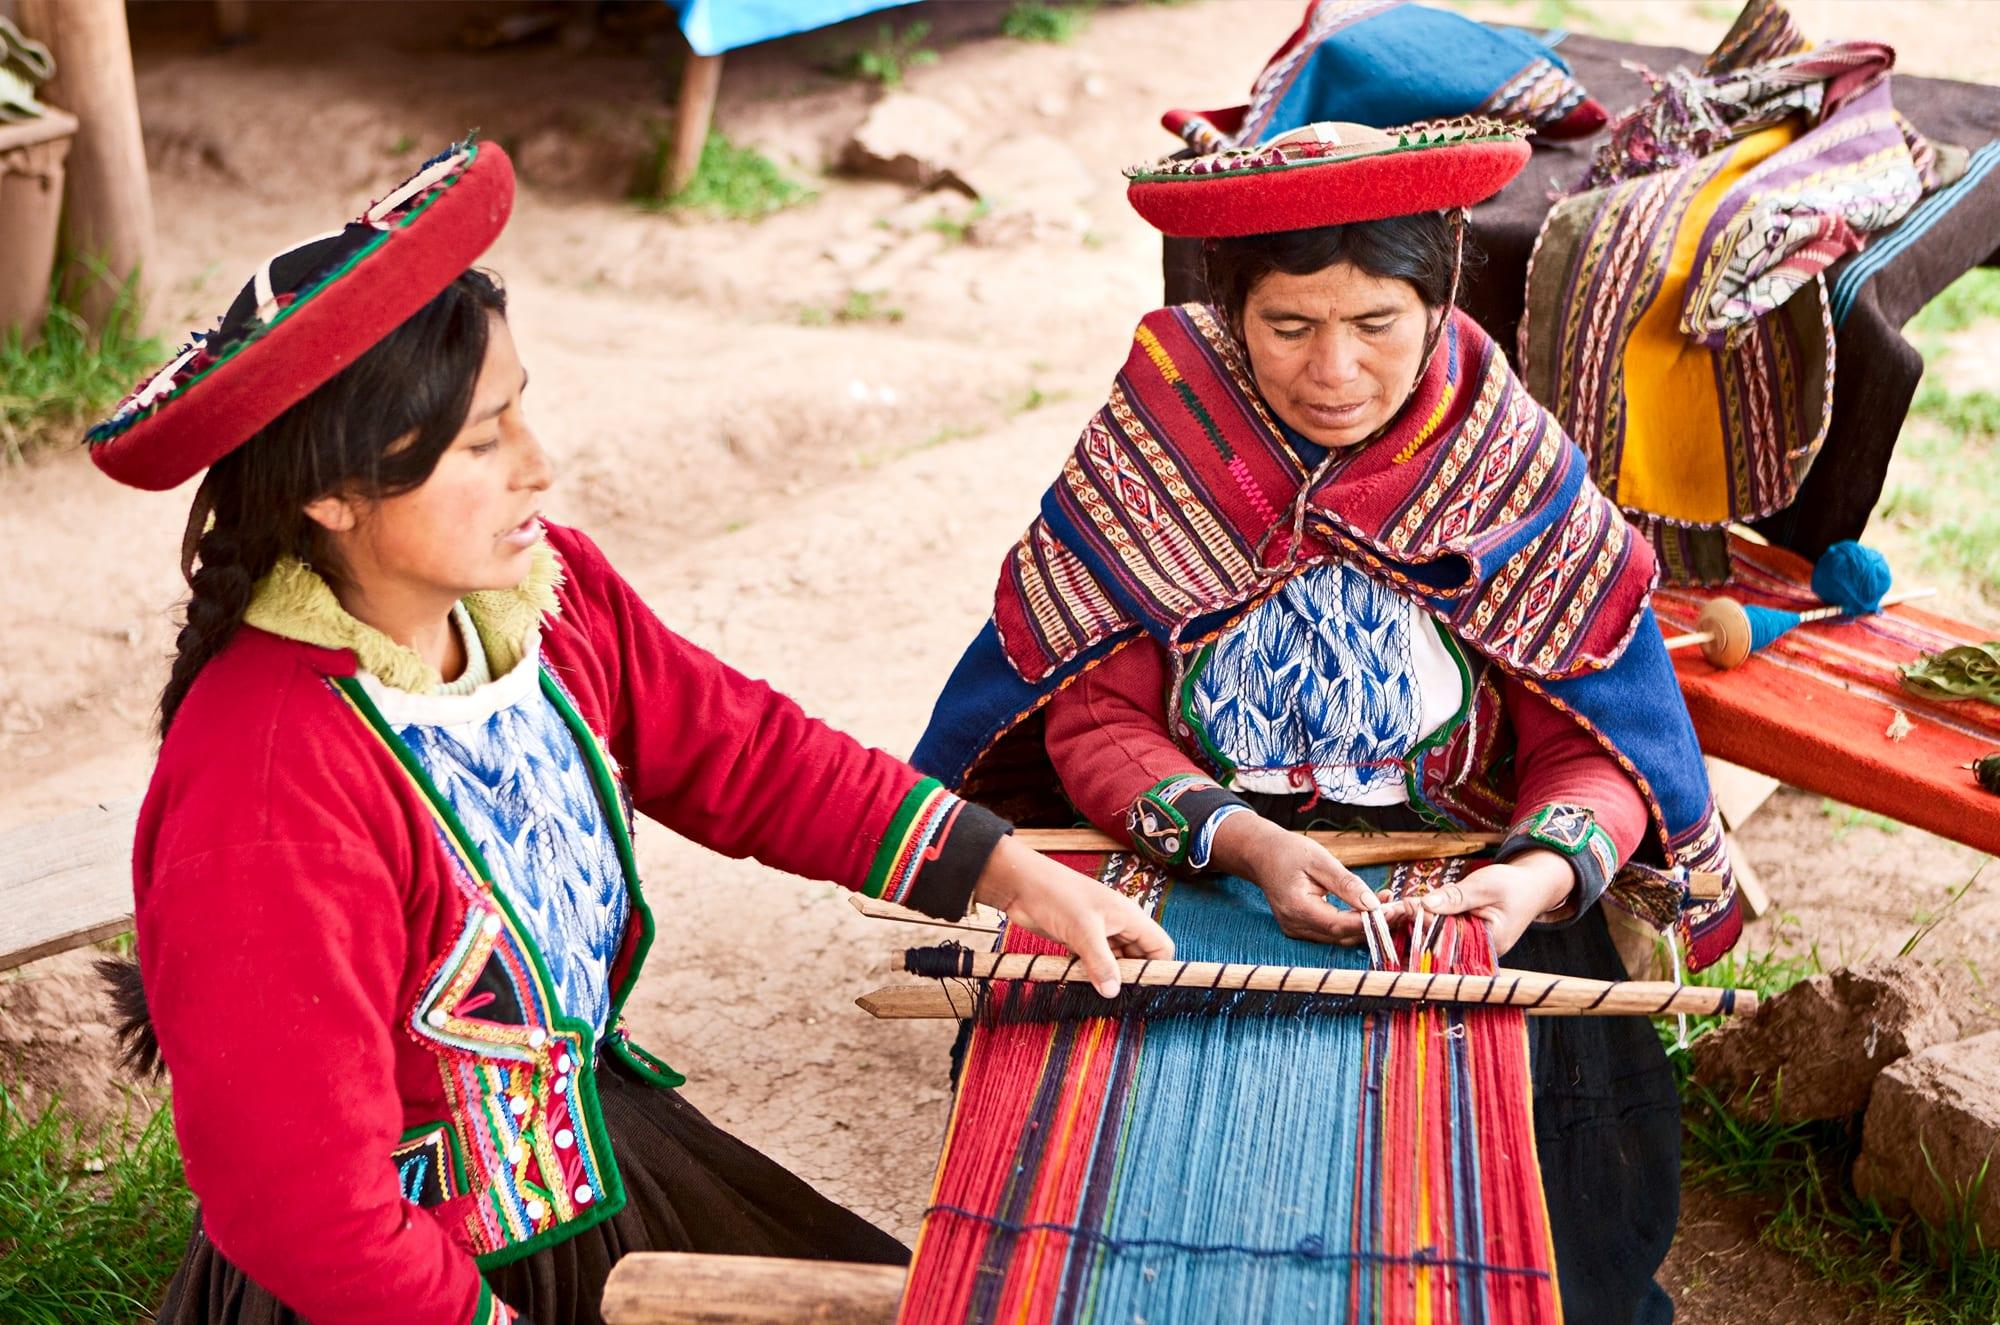 Women weaving, Chinchero